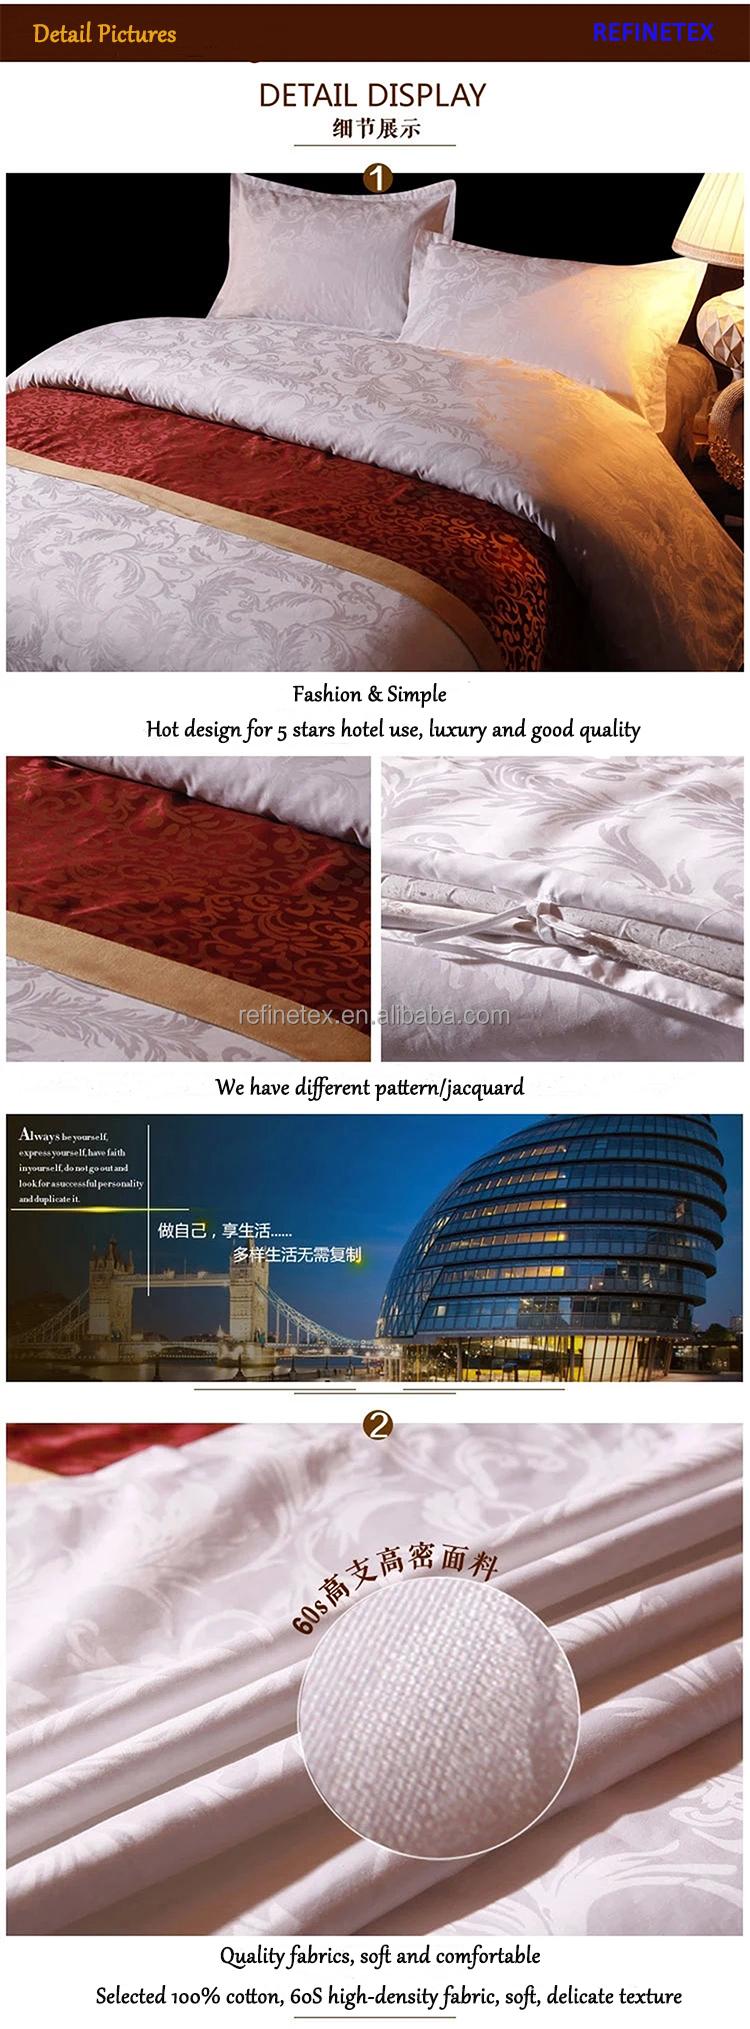 Hotel bettwäsche hersteller für tagesdecken für hotel/bettlaken ...